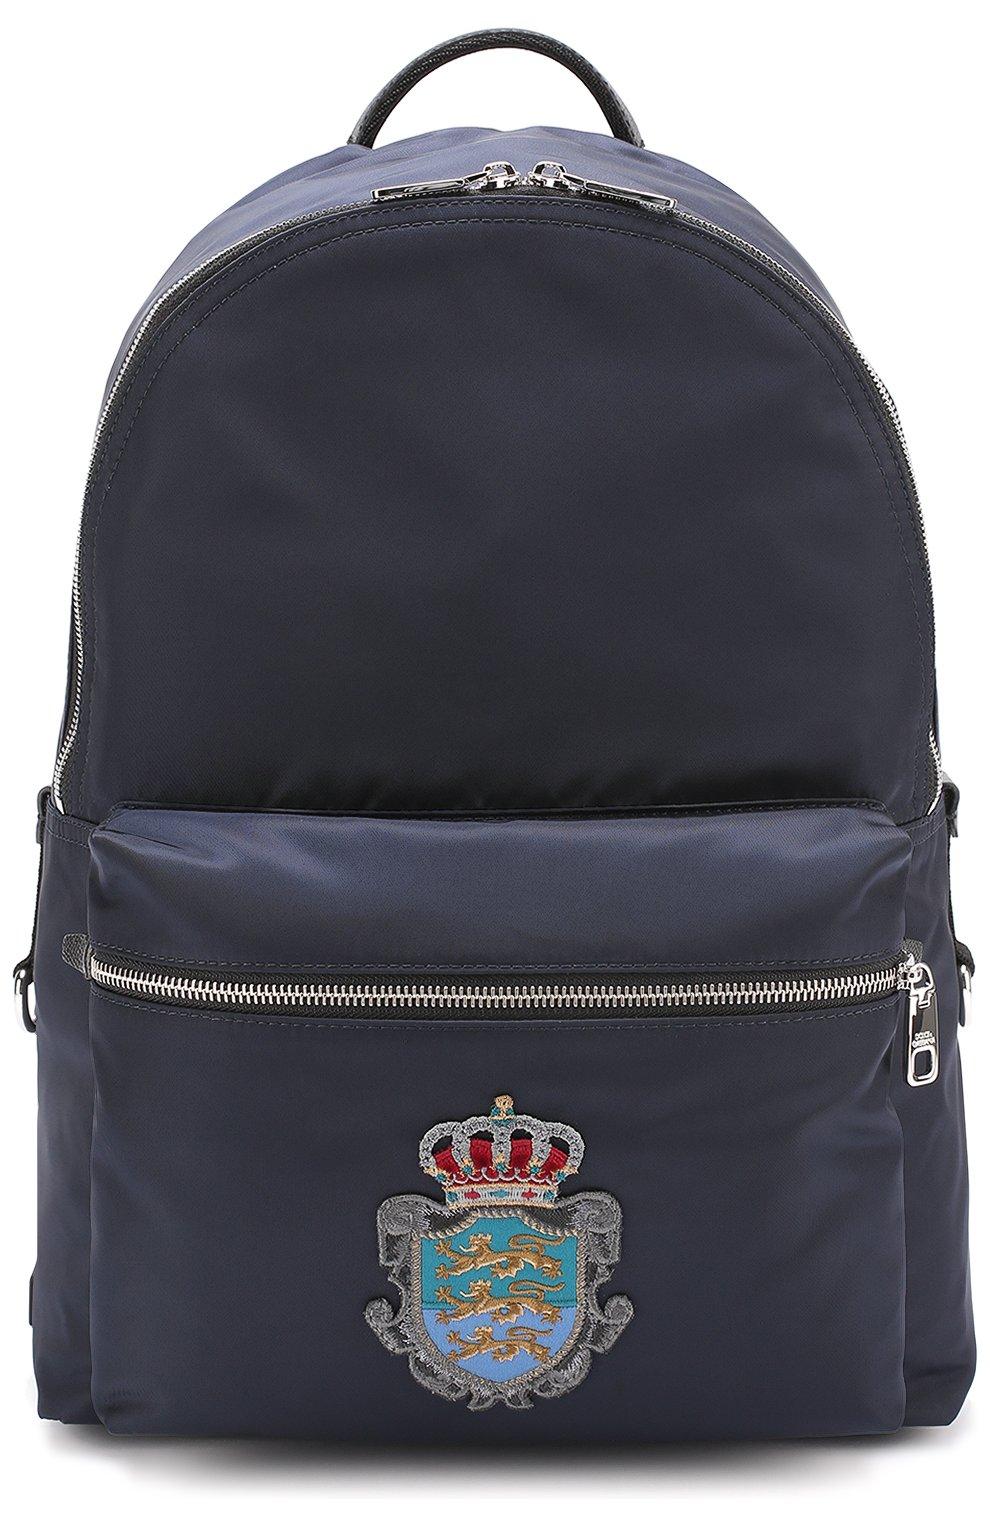 Текстильный рюкзак Vulcano с вышивкой | Фото №1